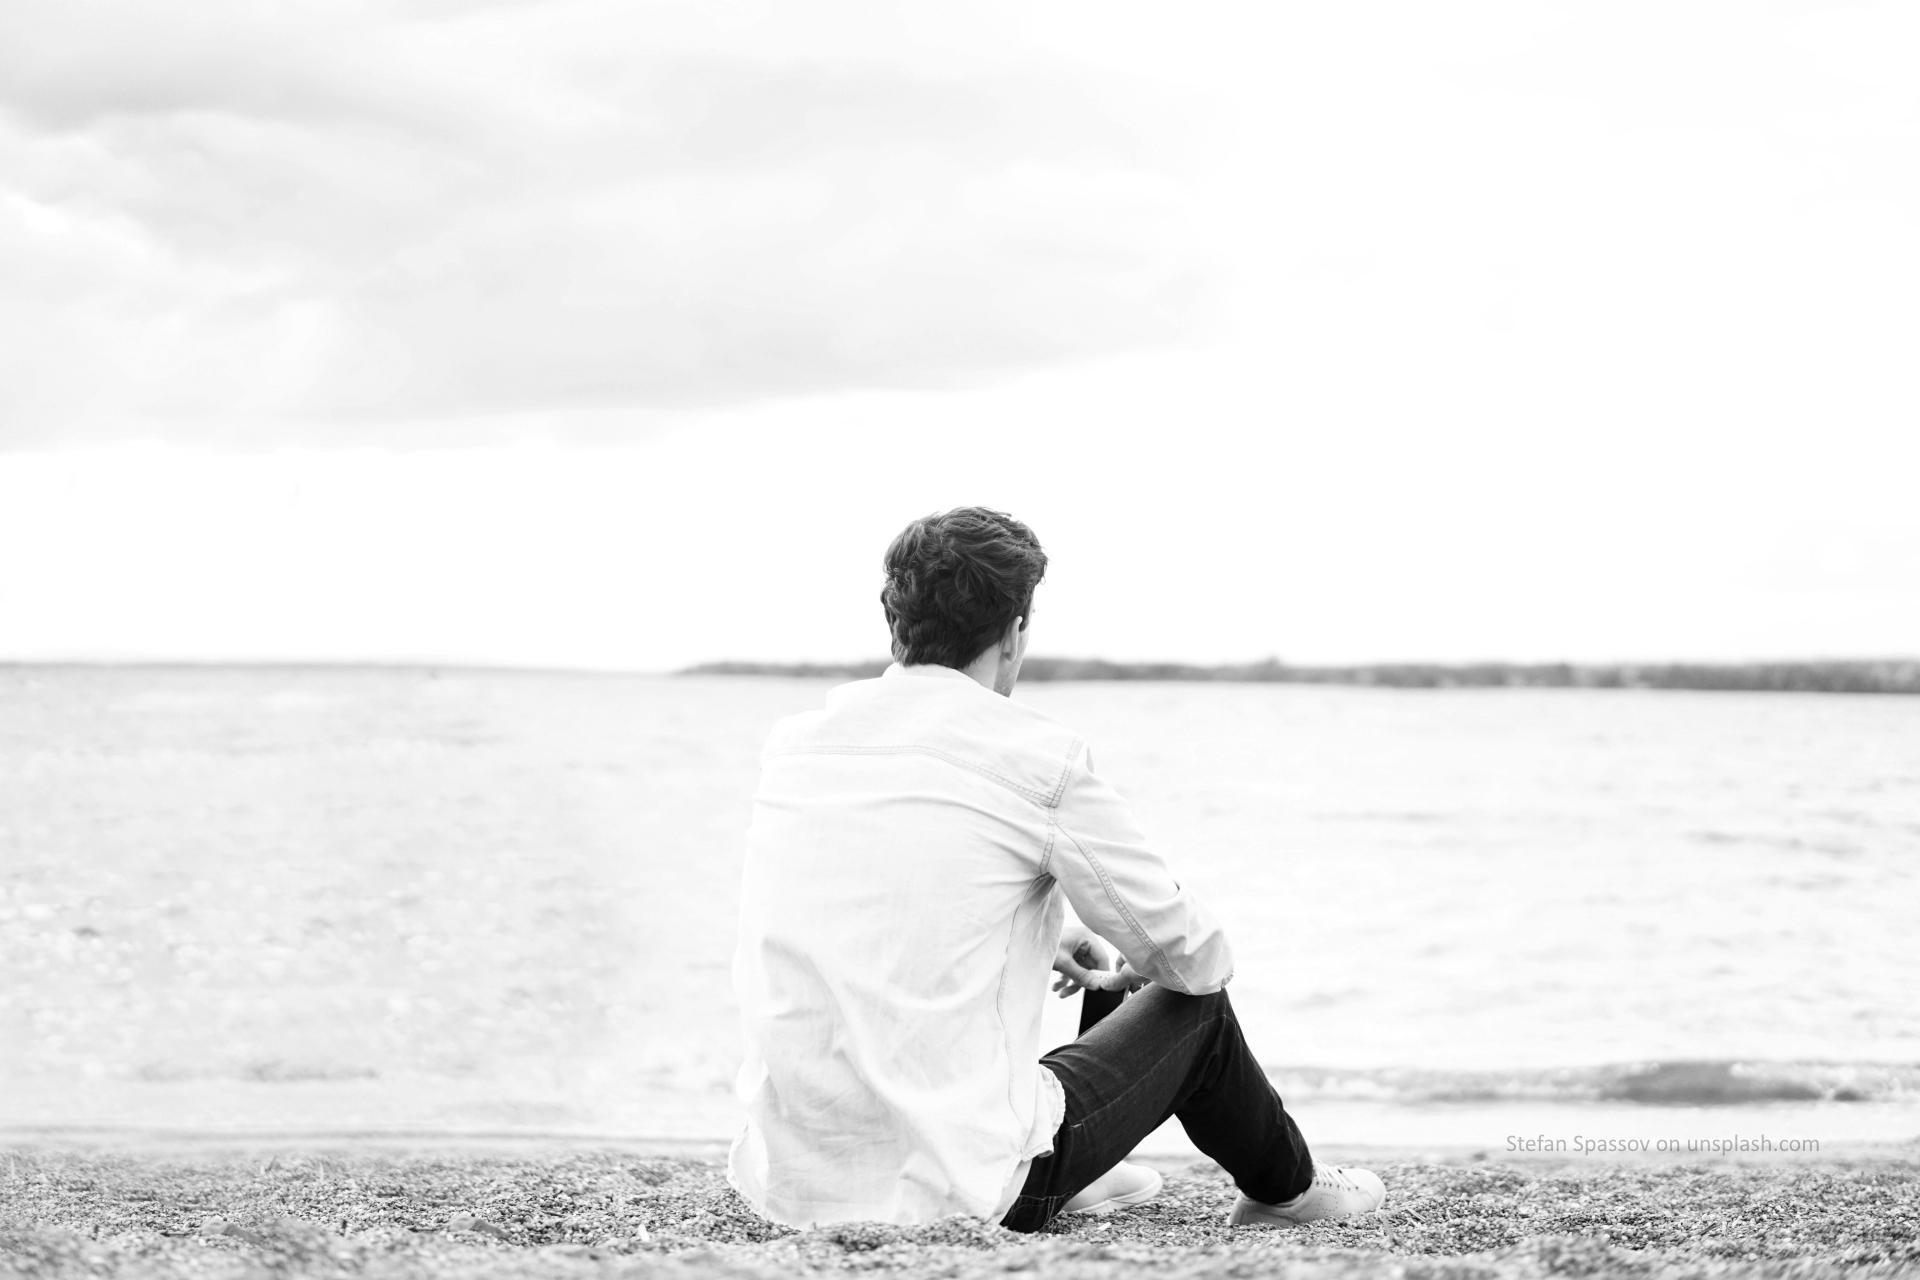 man_alone_sw_bn